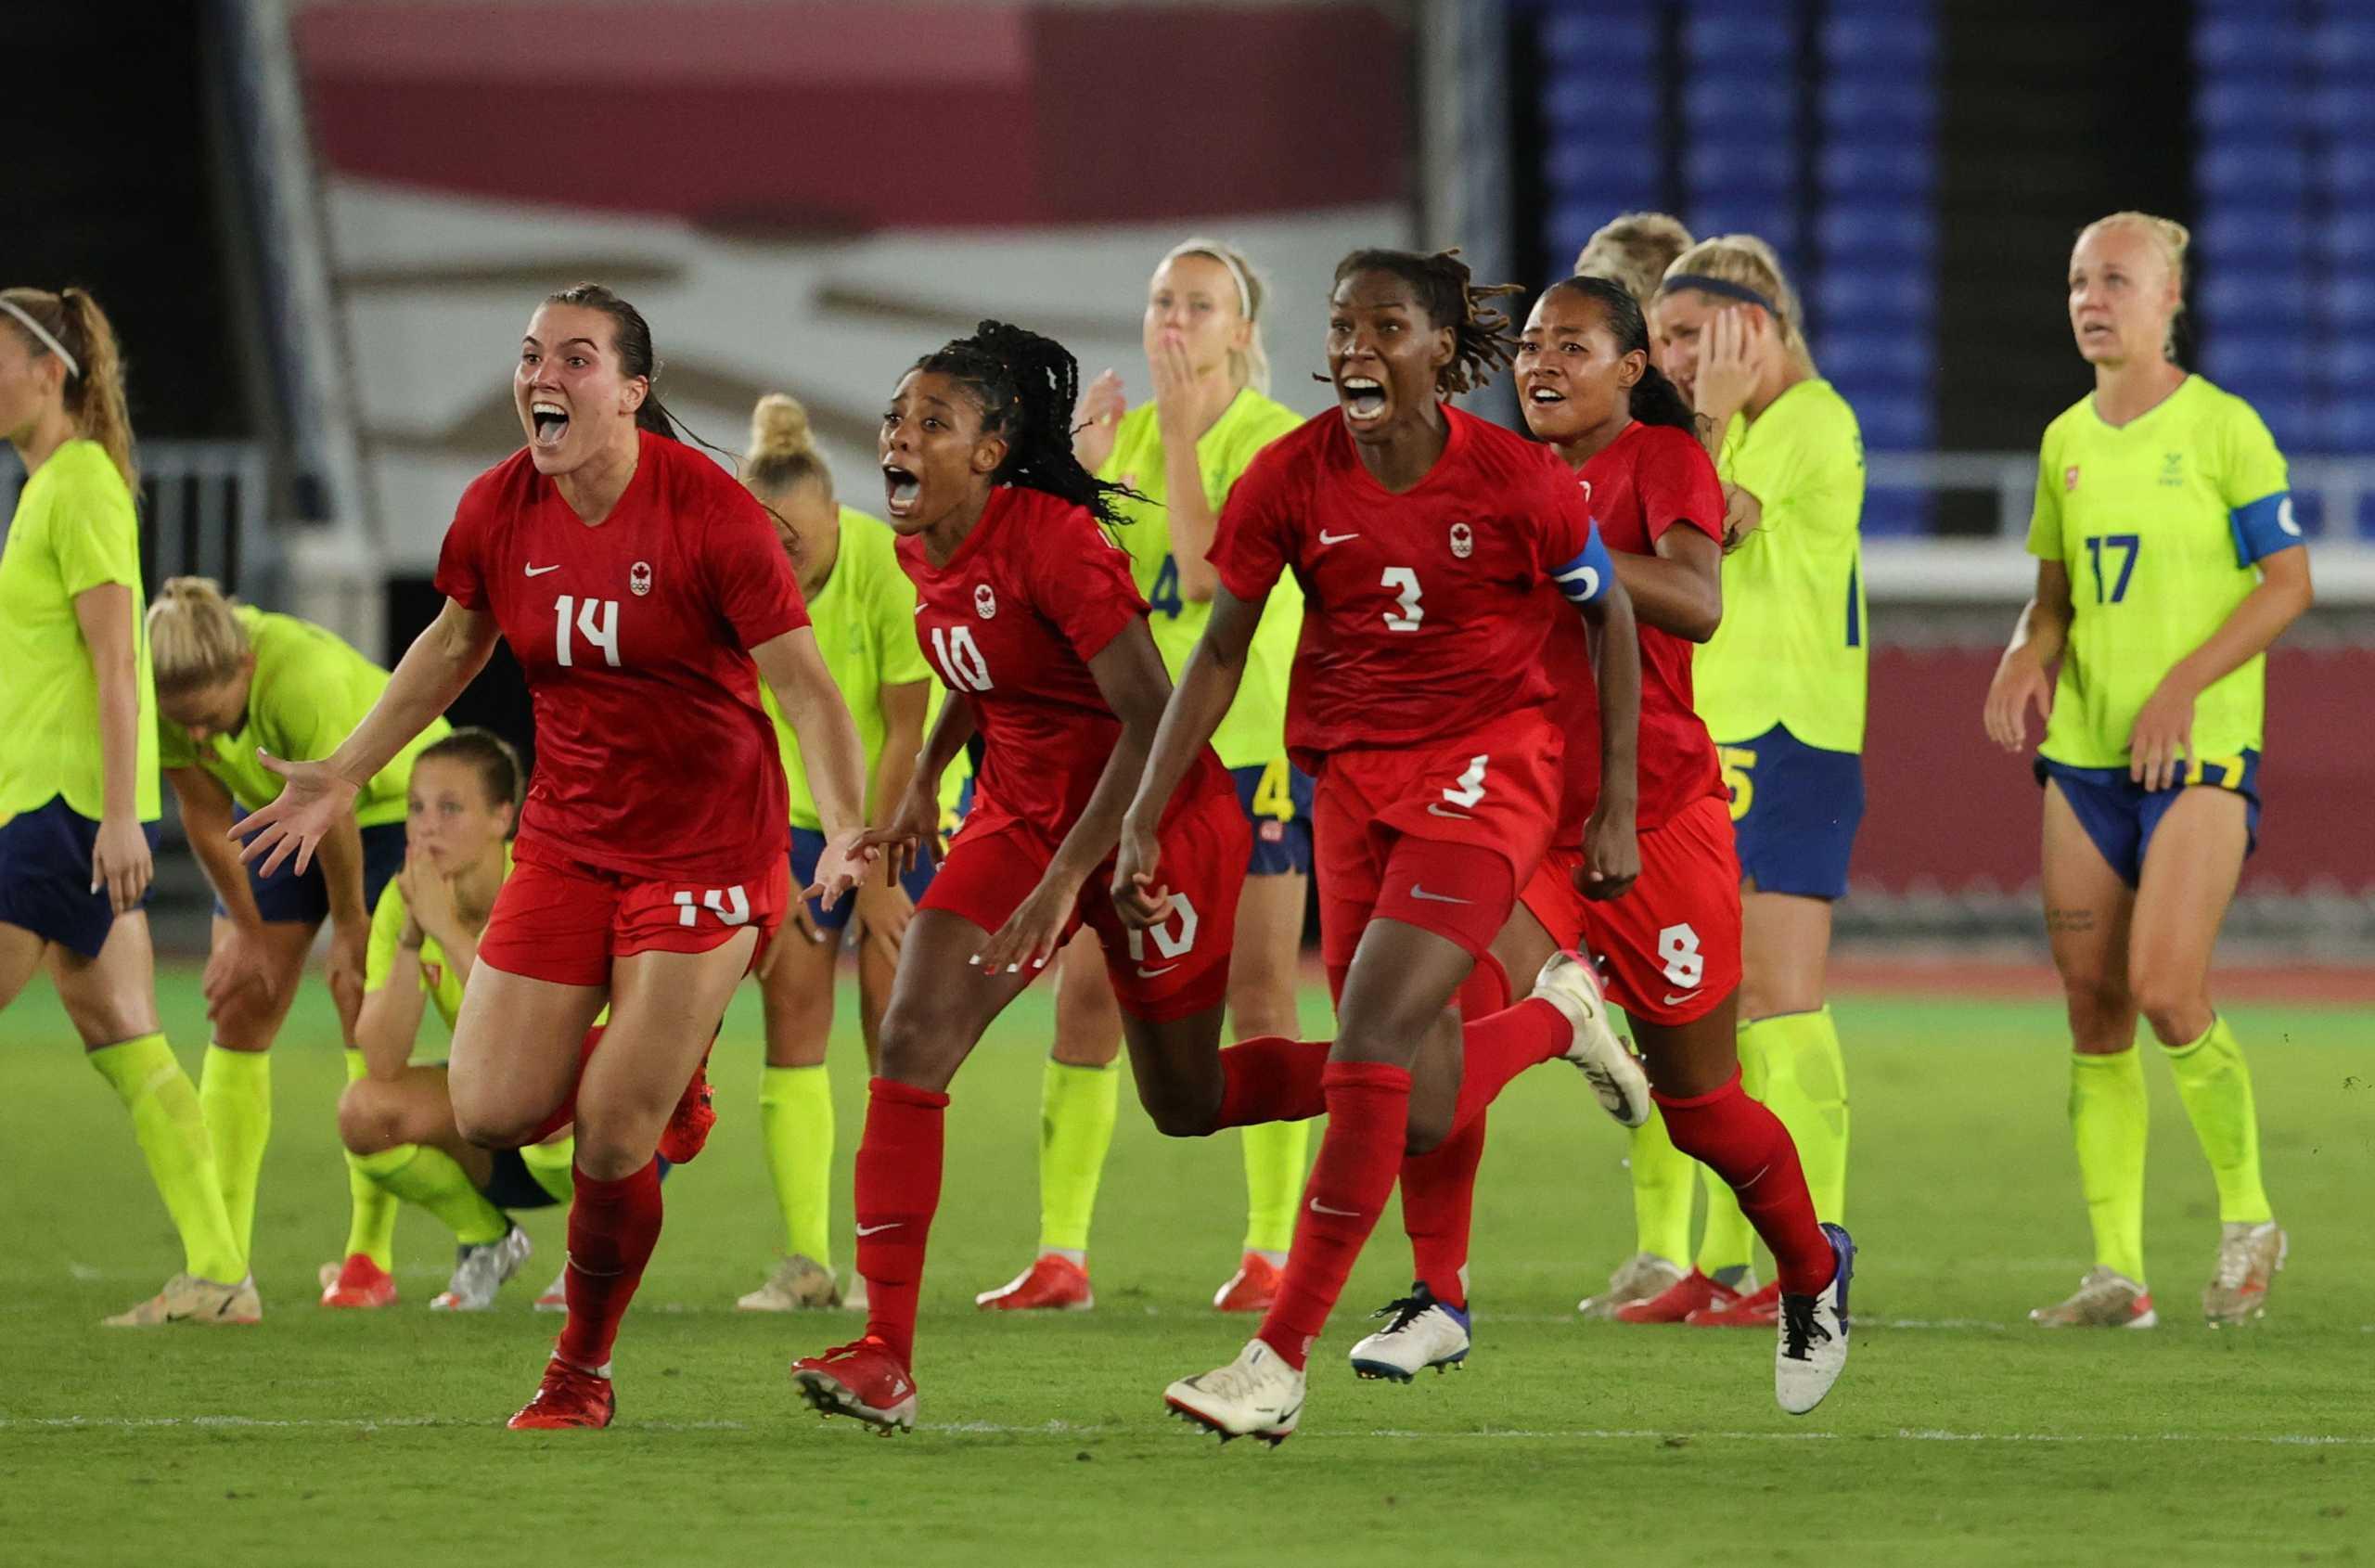 Ολυμπιακοί Αγώνες: «Χρυσός» ο Καναδάς, νίκησε στα πέναλτι την Σουηδία στον ποδοσφαιρικό τελικό των γυναικών